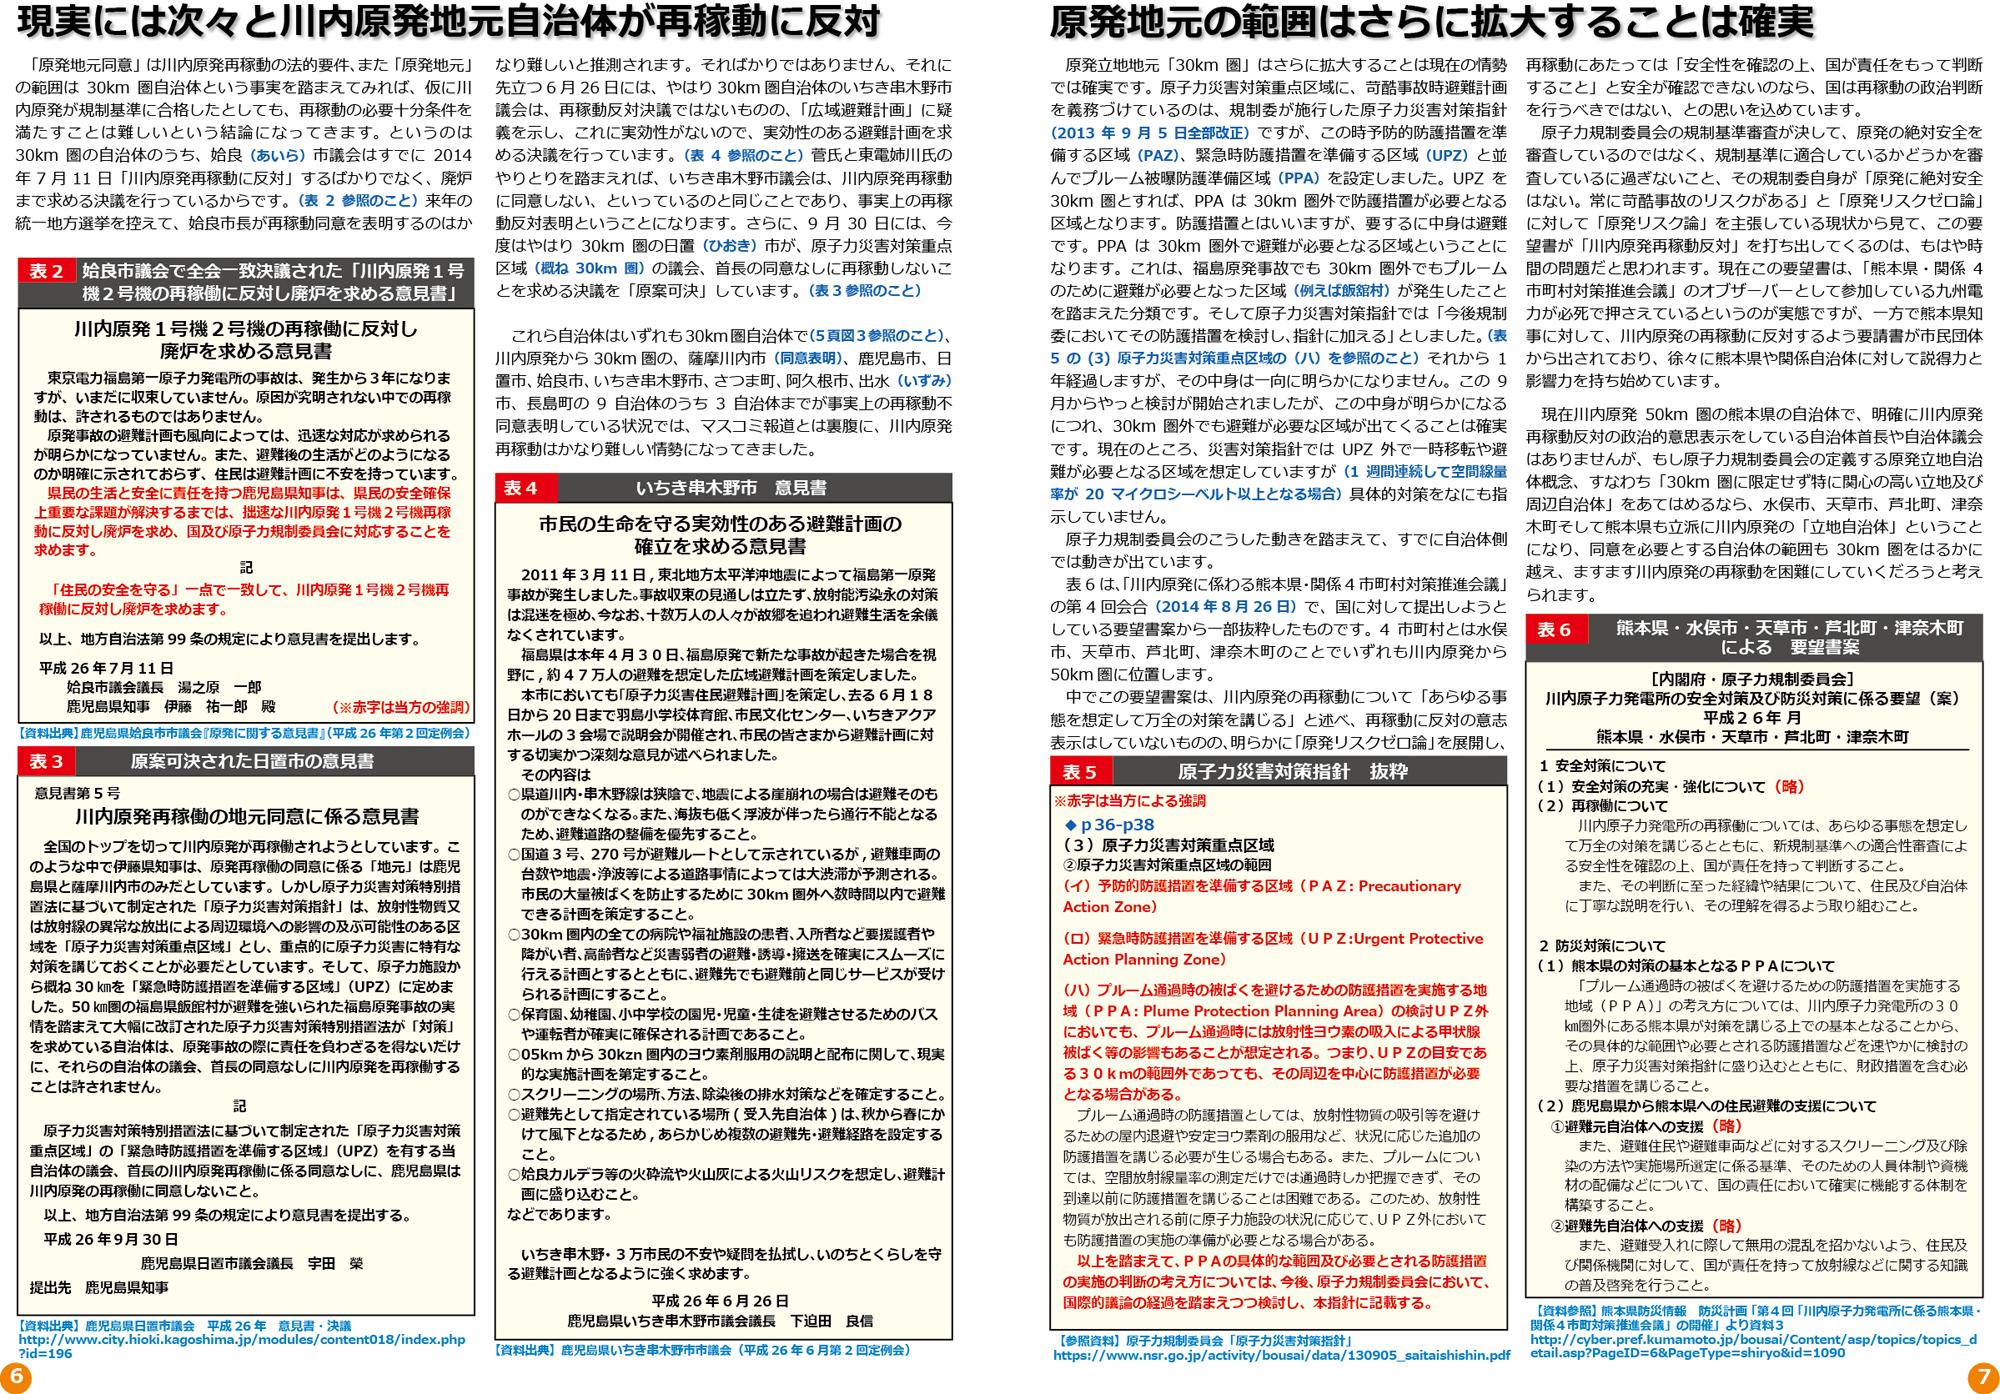 ファイル 375-4.jpg